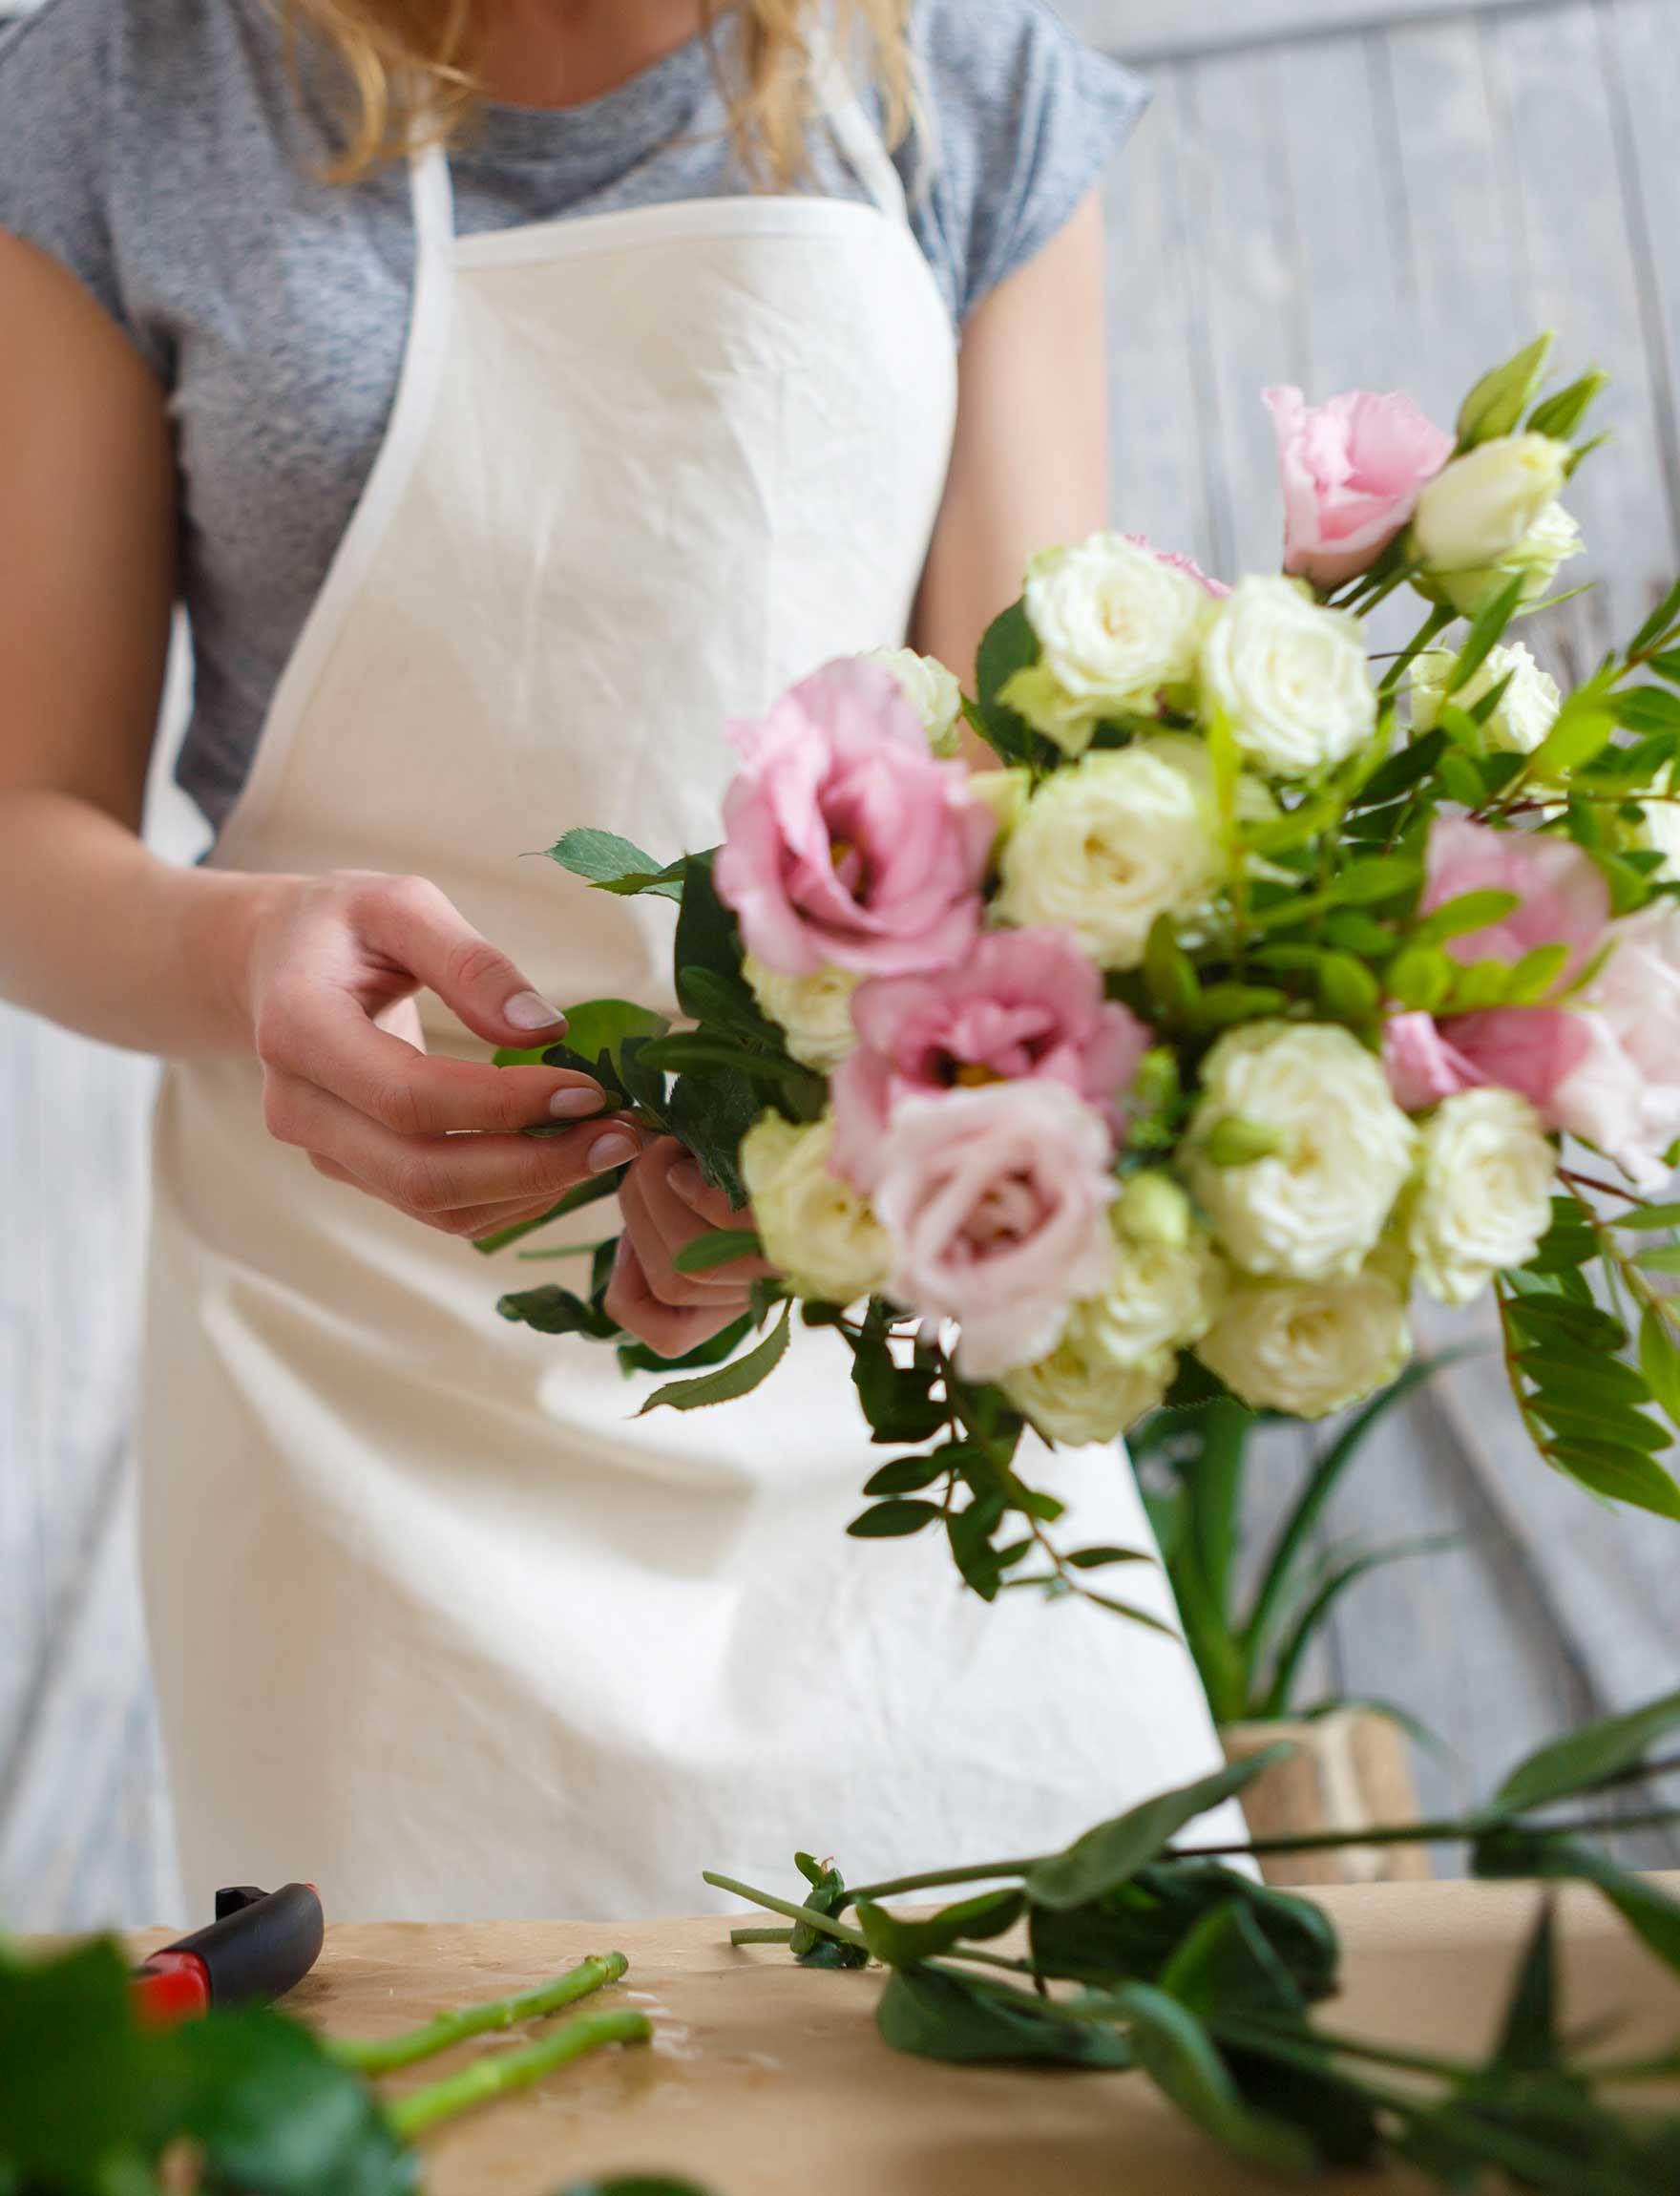 Composition d'un bouquet de fleur